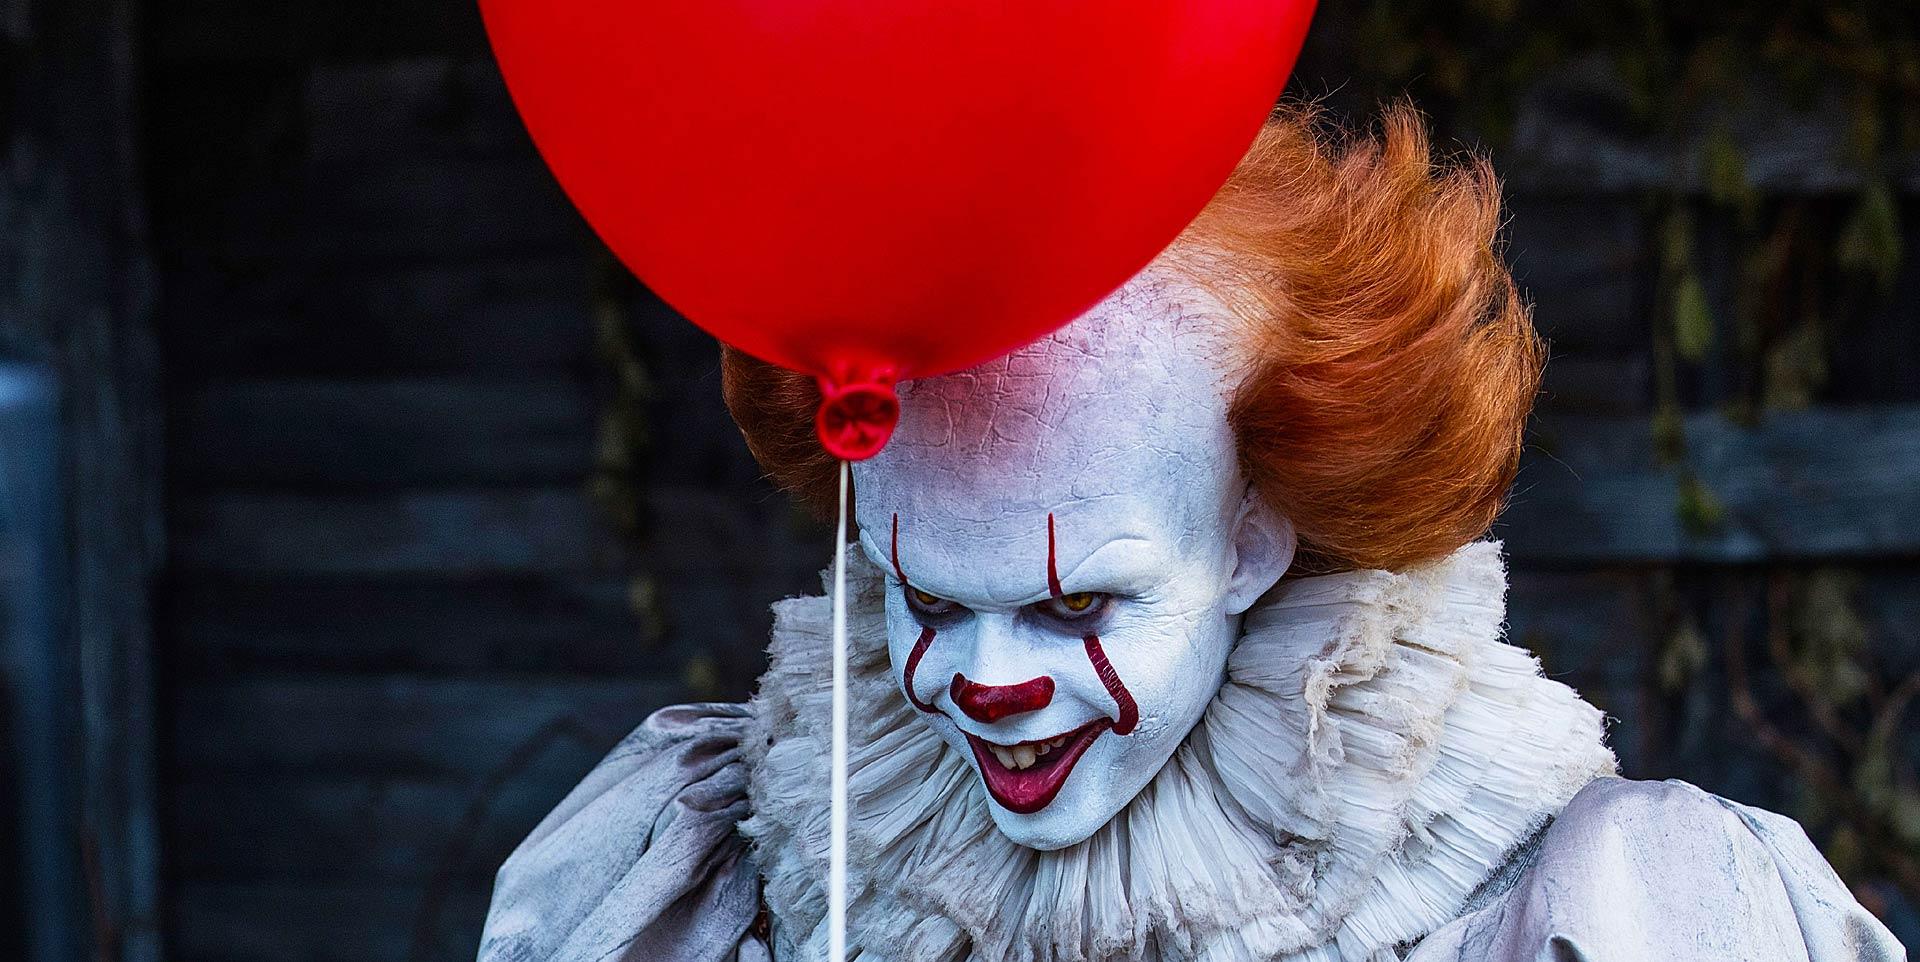 IT - il feroce clown con palloncino rosso